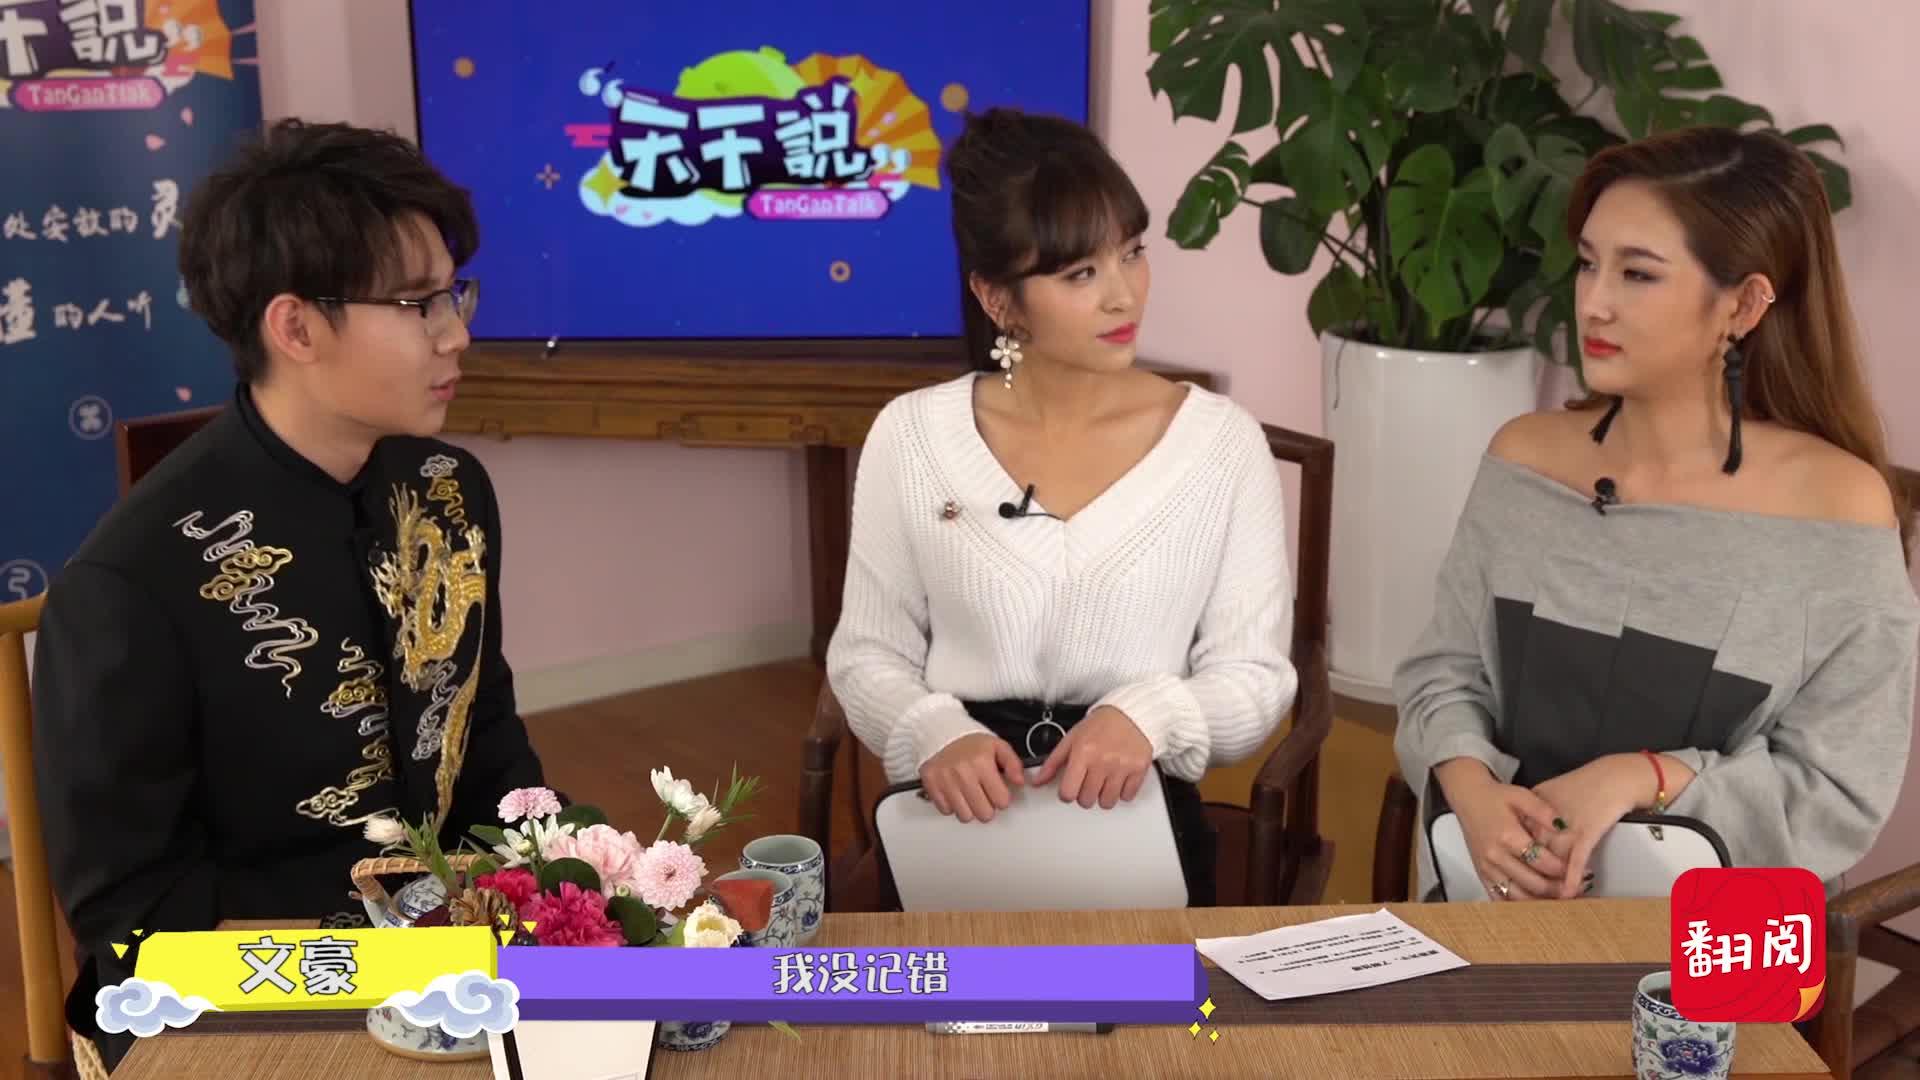 """《倾世妖颜》演员杨雪儿﹠李家慧在《天干说》公开晒出""""上进""""性格?"""